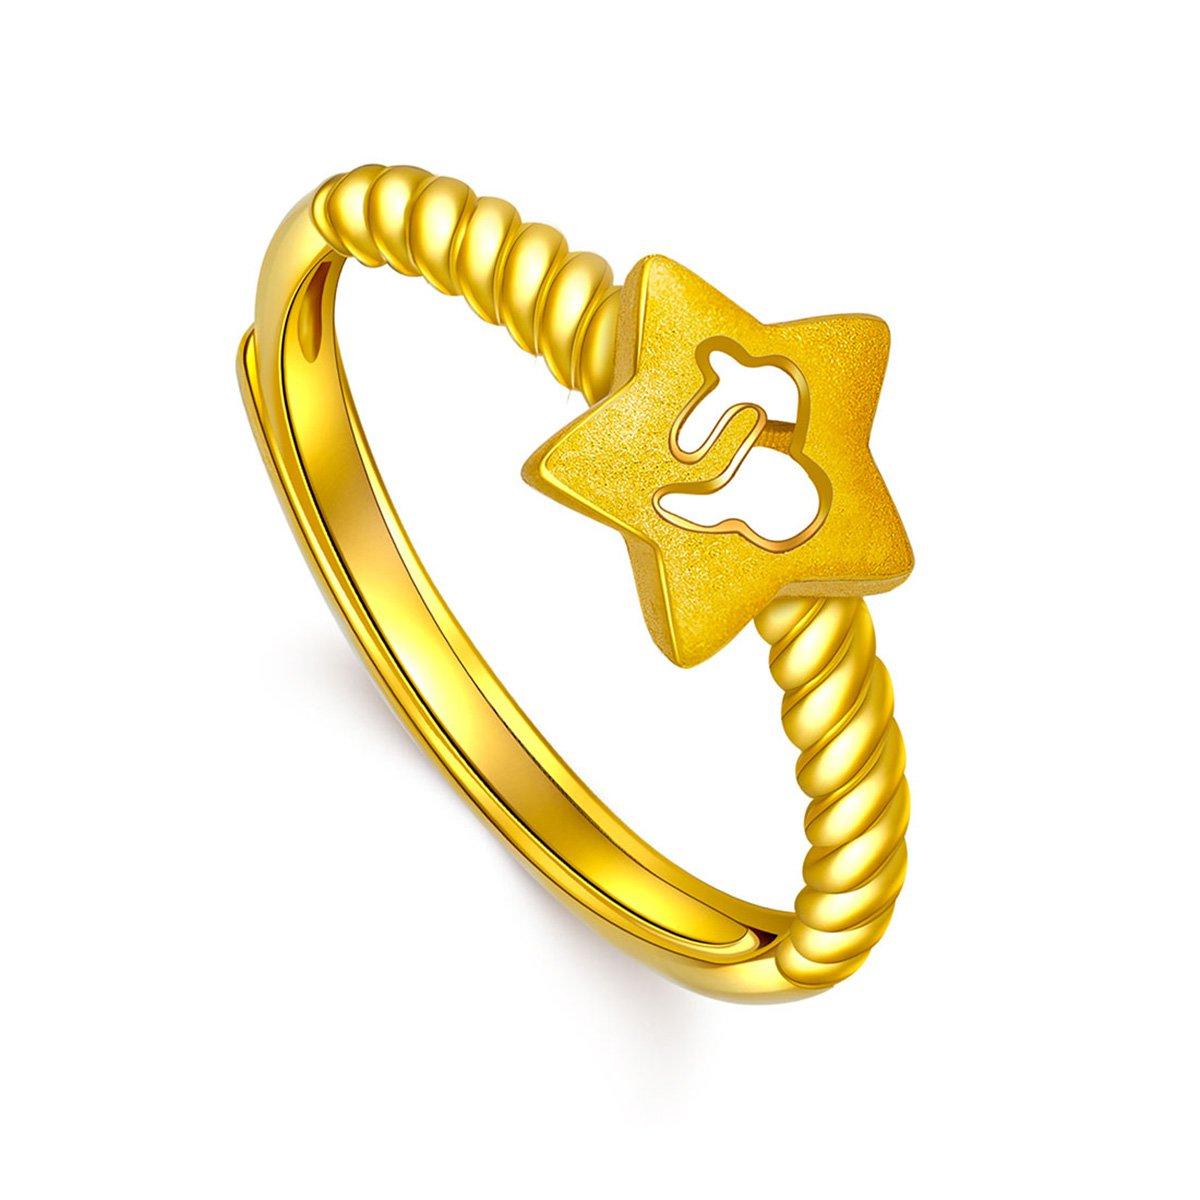 潮宏基潮宏基星物语十二星座足金戒指黄金戒指计价XWYSEXZJZZH